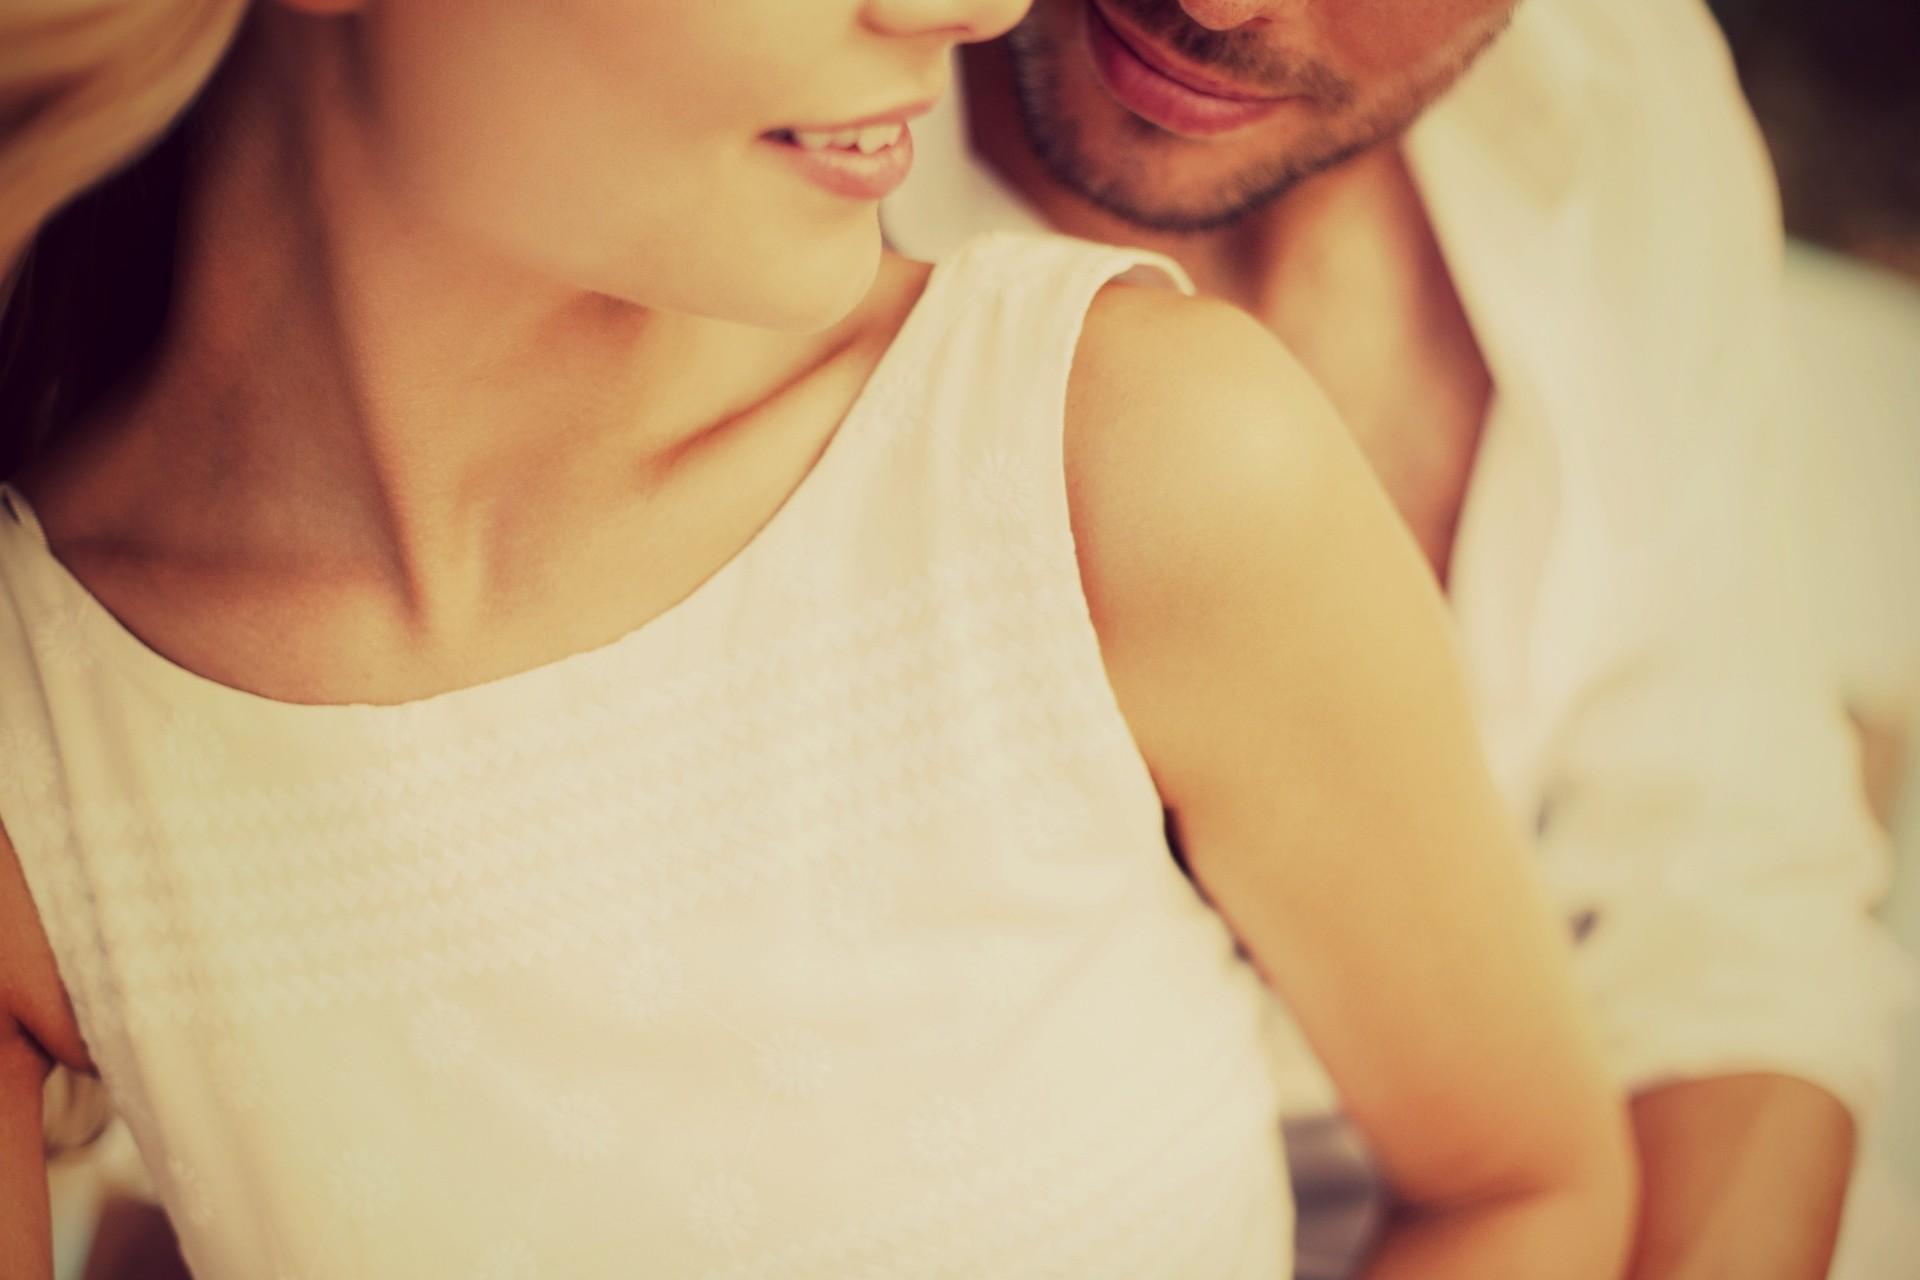 Фото девушки и парня в обнимку на аву в